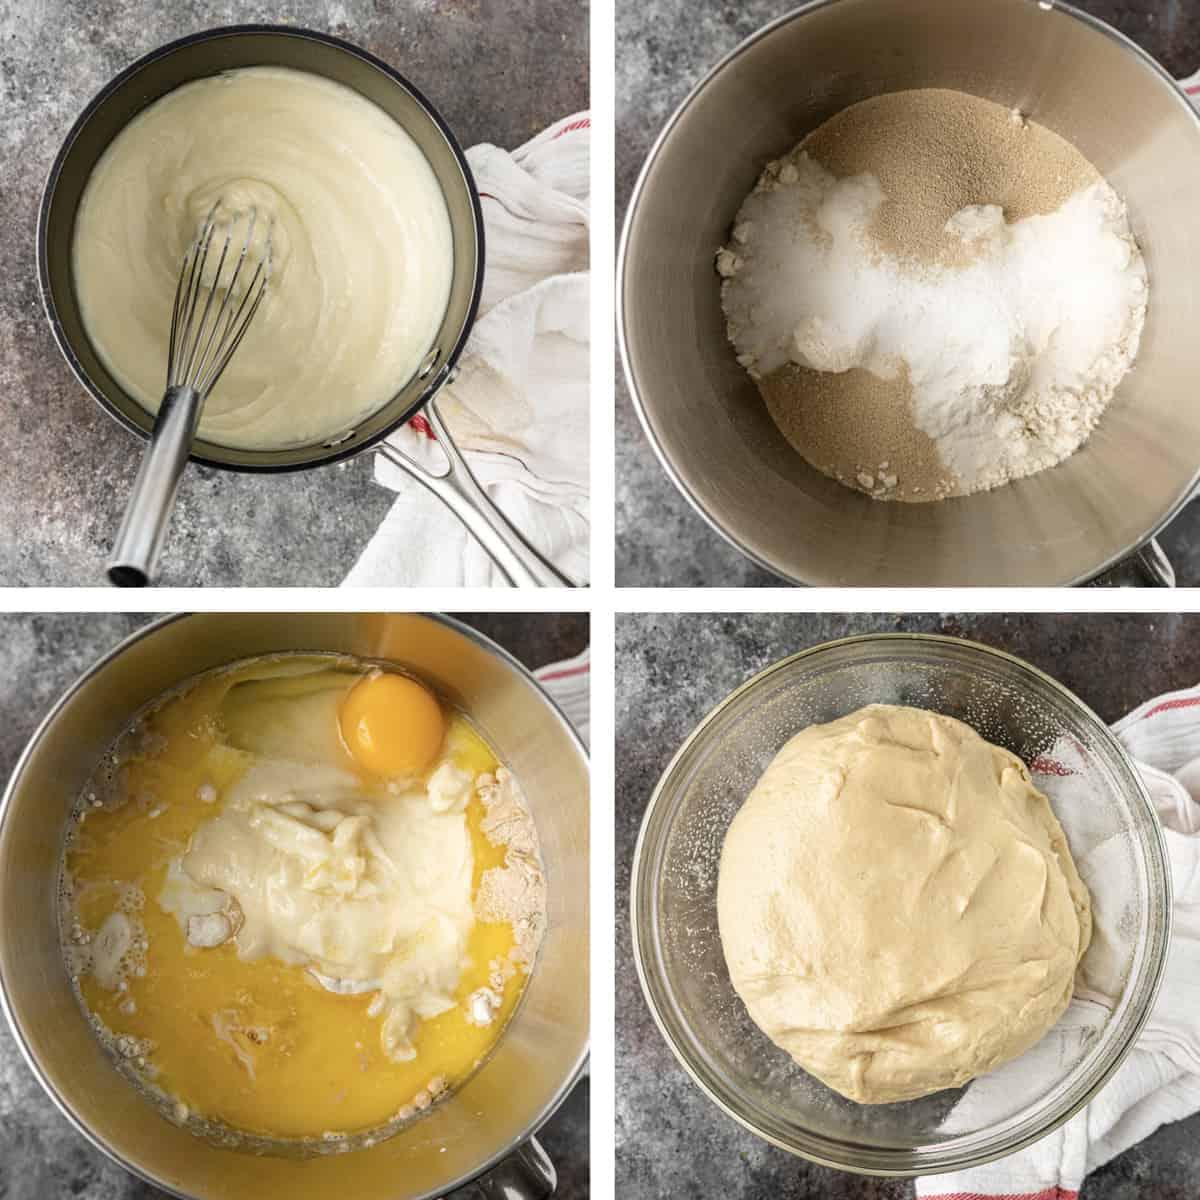 4 photo collage shows steps to make dough for pork bao